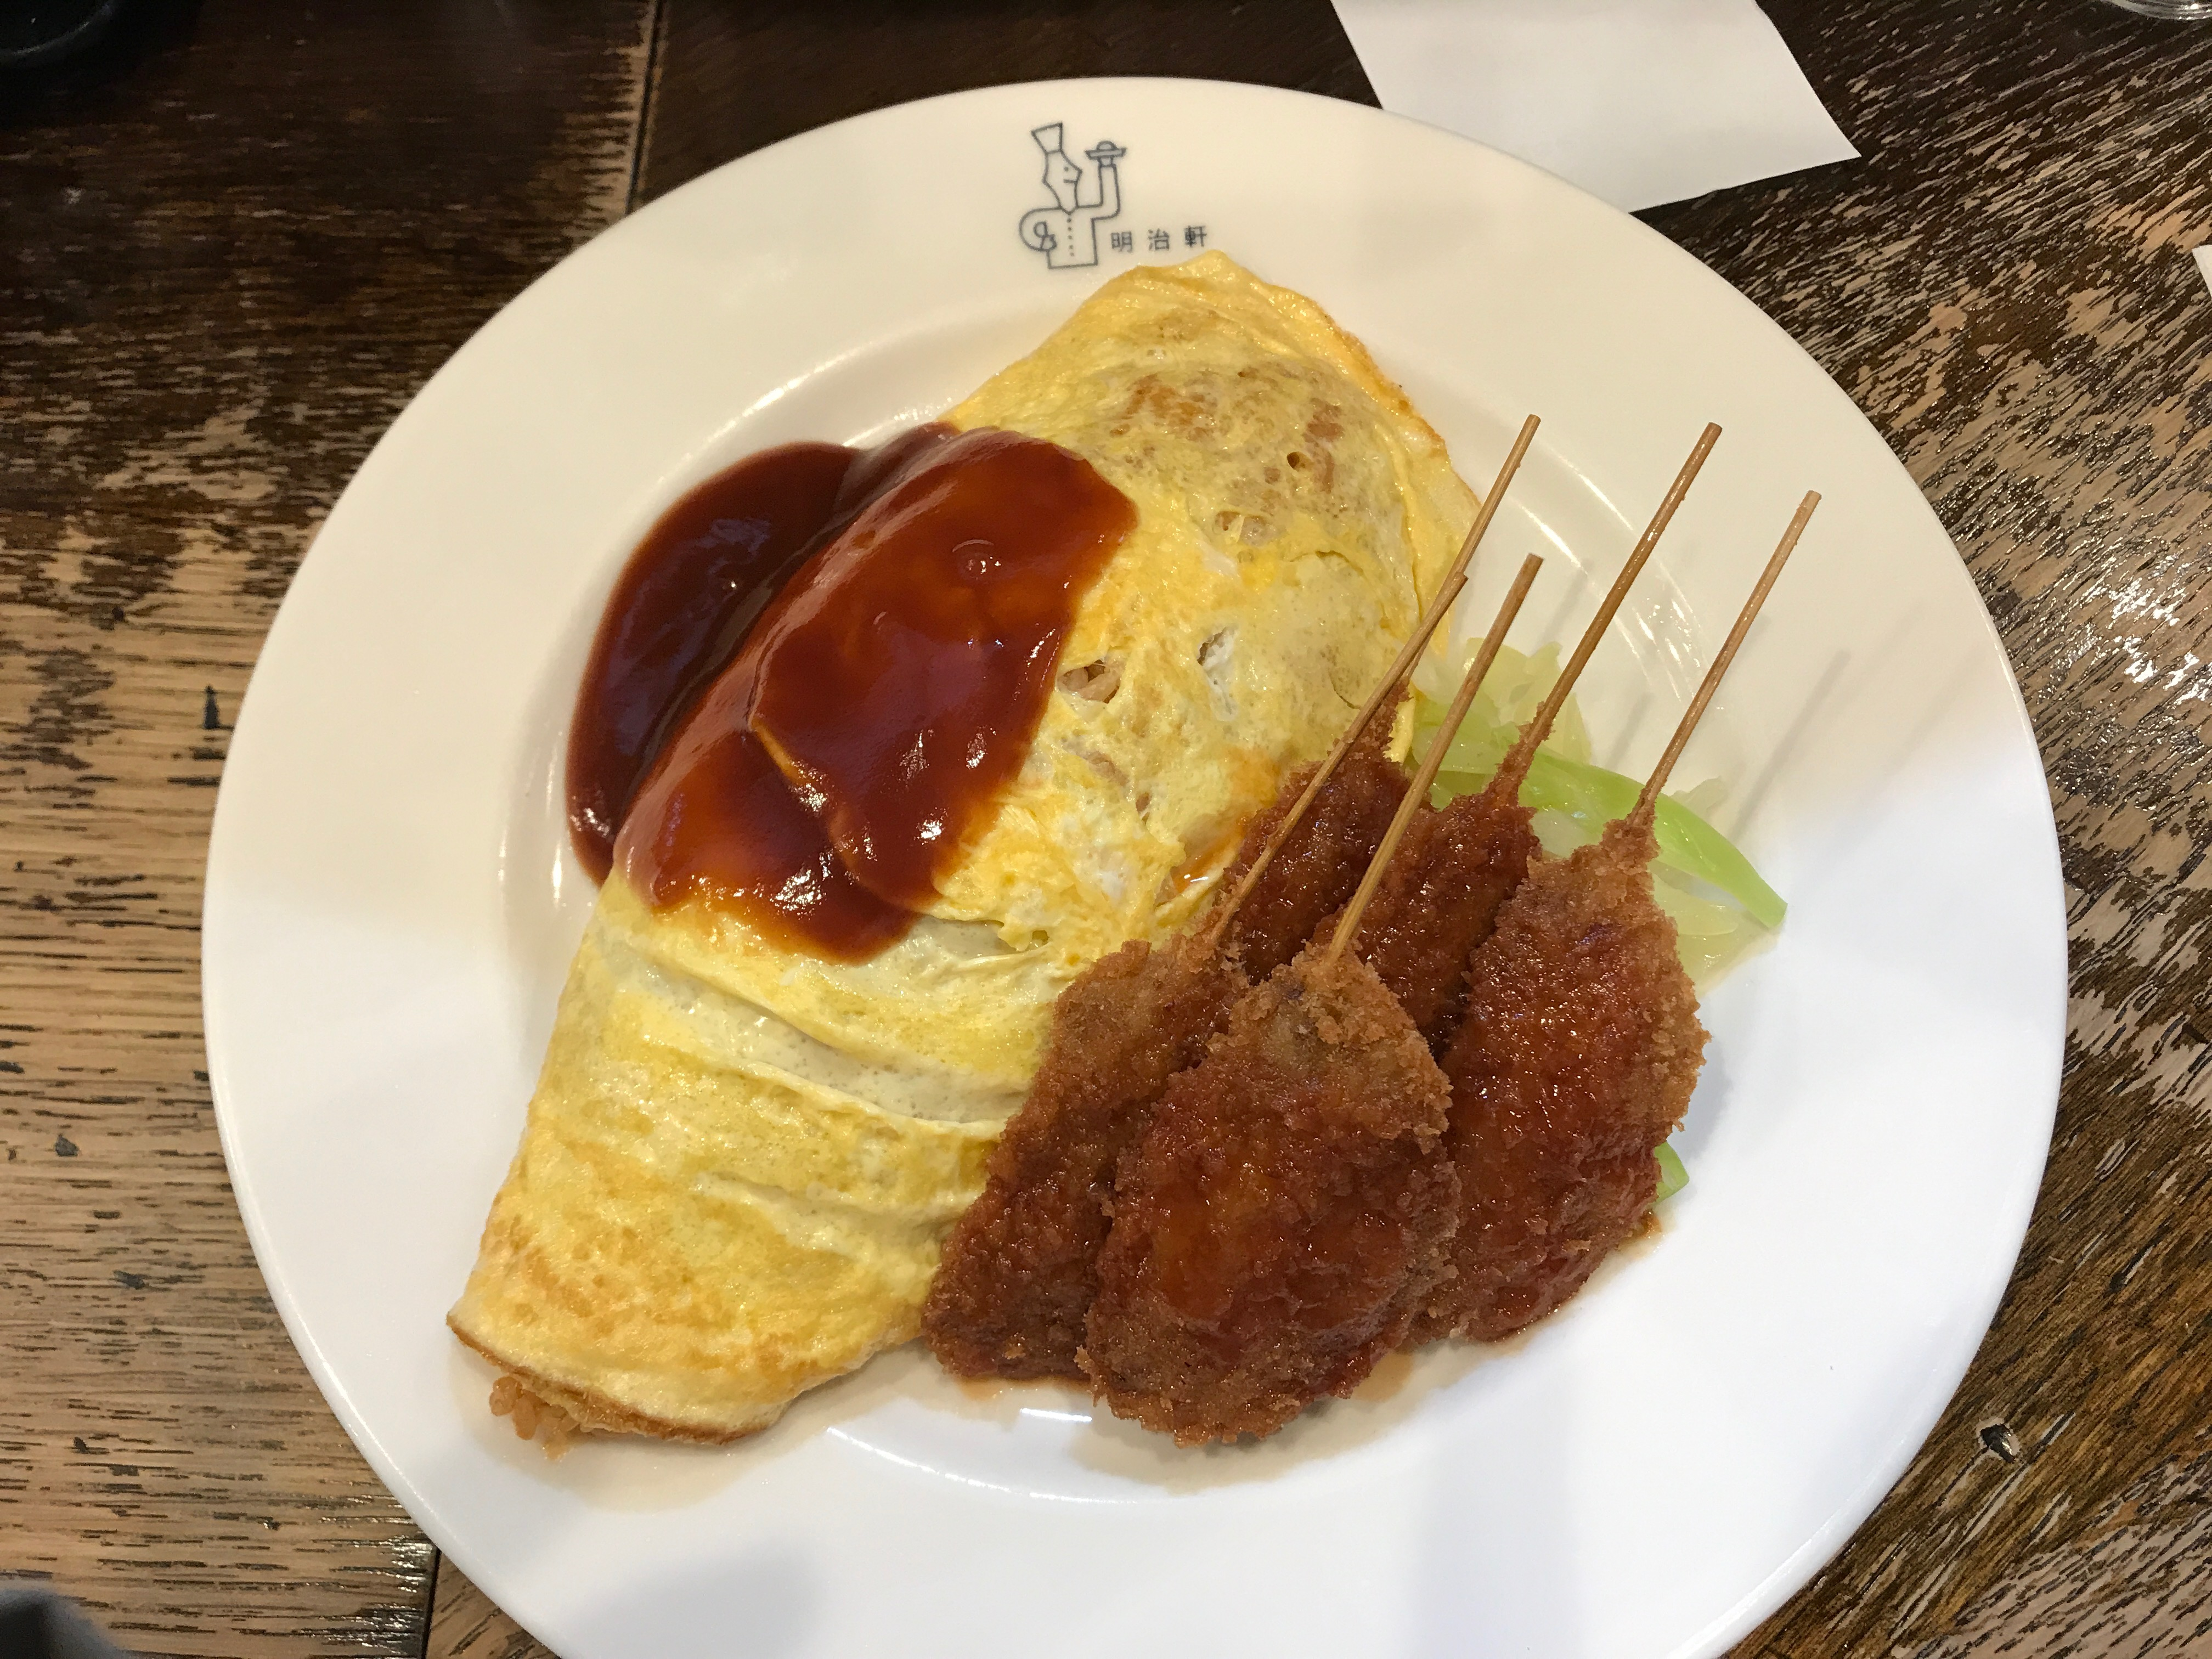 大阪・我が魂フード三羽烏② 心斎橋 明治軒 オムライス&串カツセット